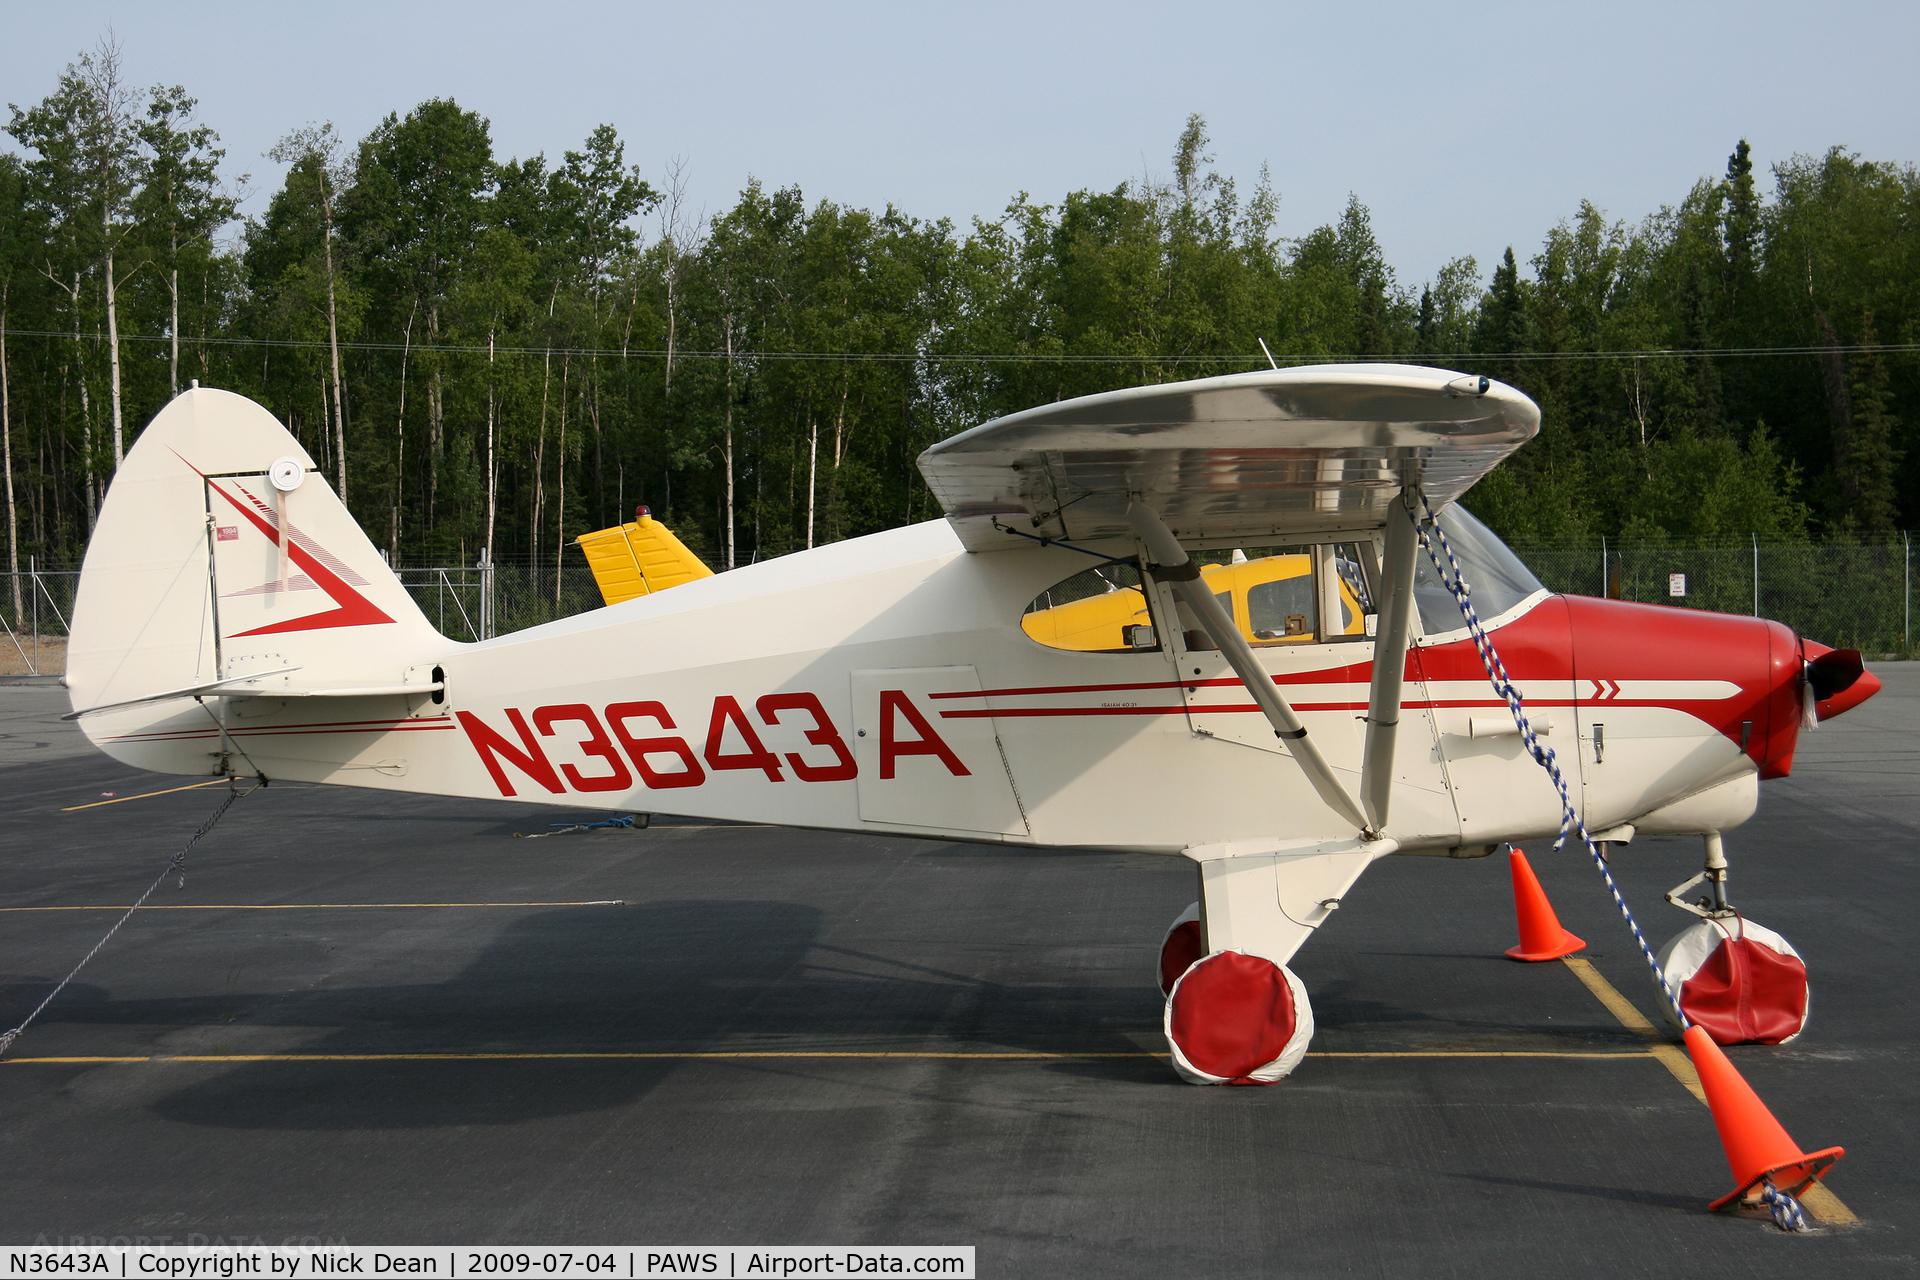 N3643A, 1953 Piper PA-22-135 Tri-Pacer C/N 22-1901, PAWS